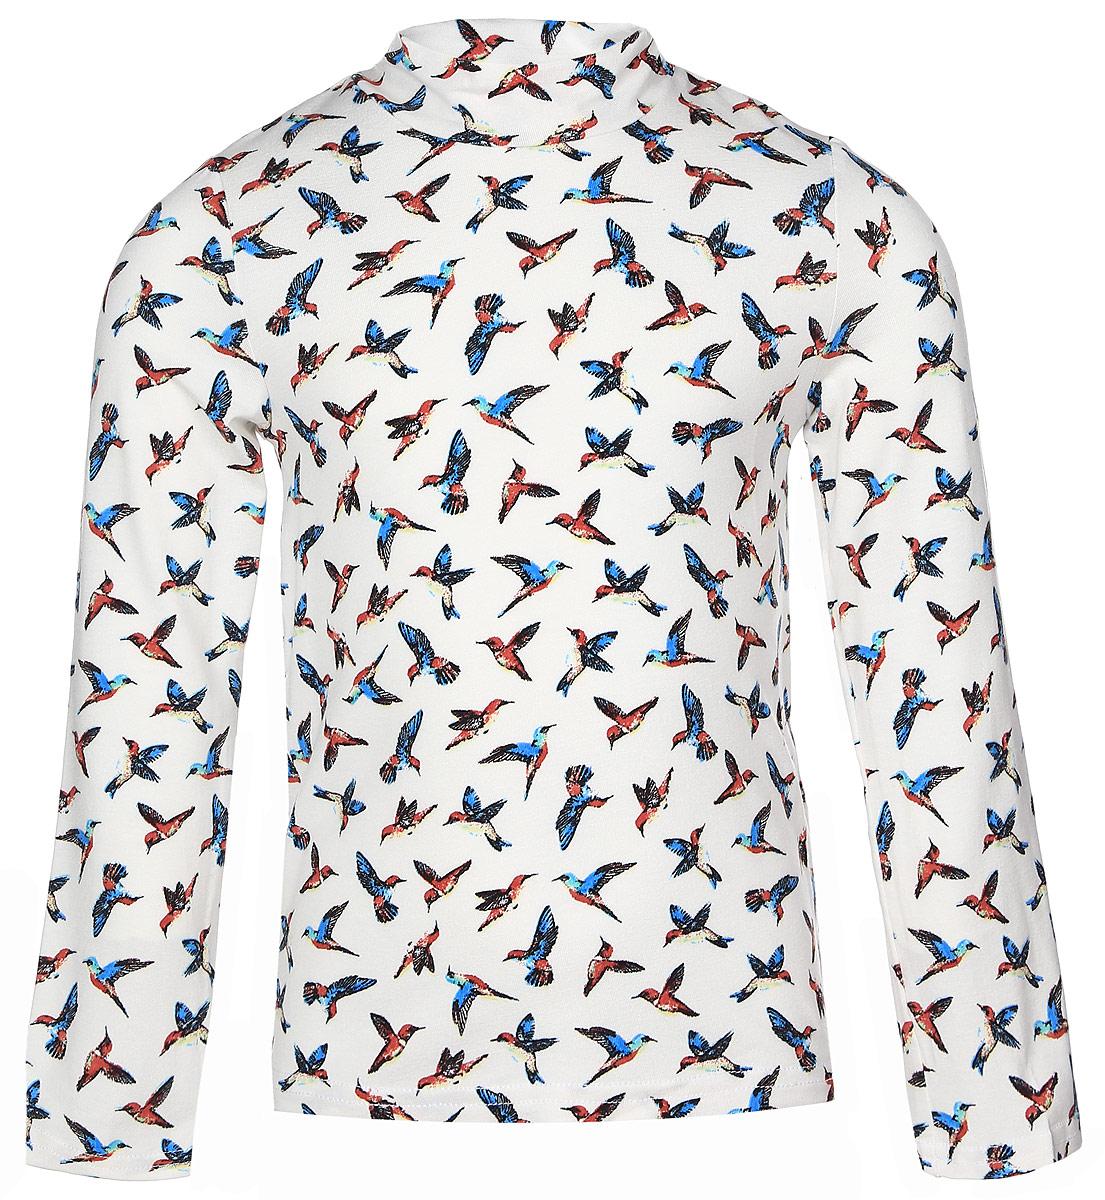 ВодолазкаWJO26041M-22Водолазка для девочки M&D выполнена из эластичной вискозы с добавлением лайкры. Модель с воротником-стойкой и длинными рукавами оформлена принтом с изображением птиц.